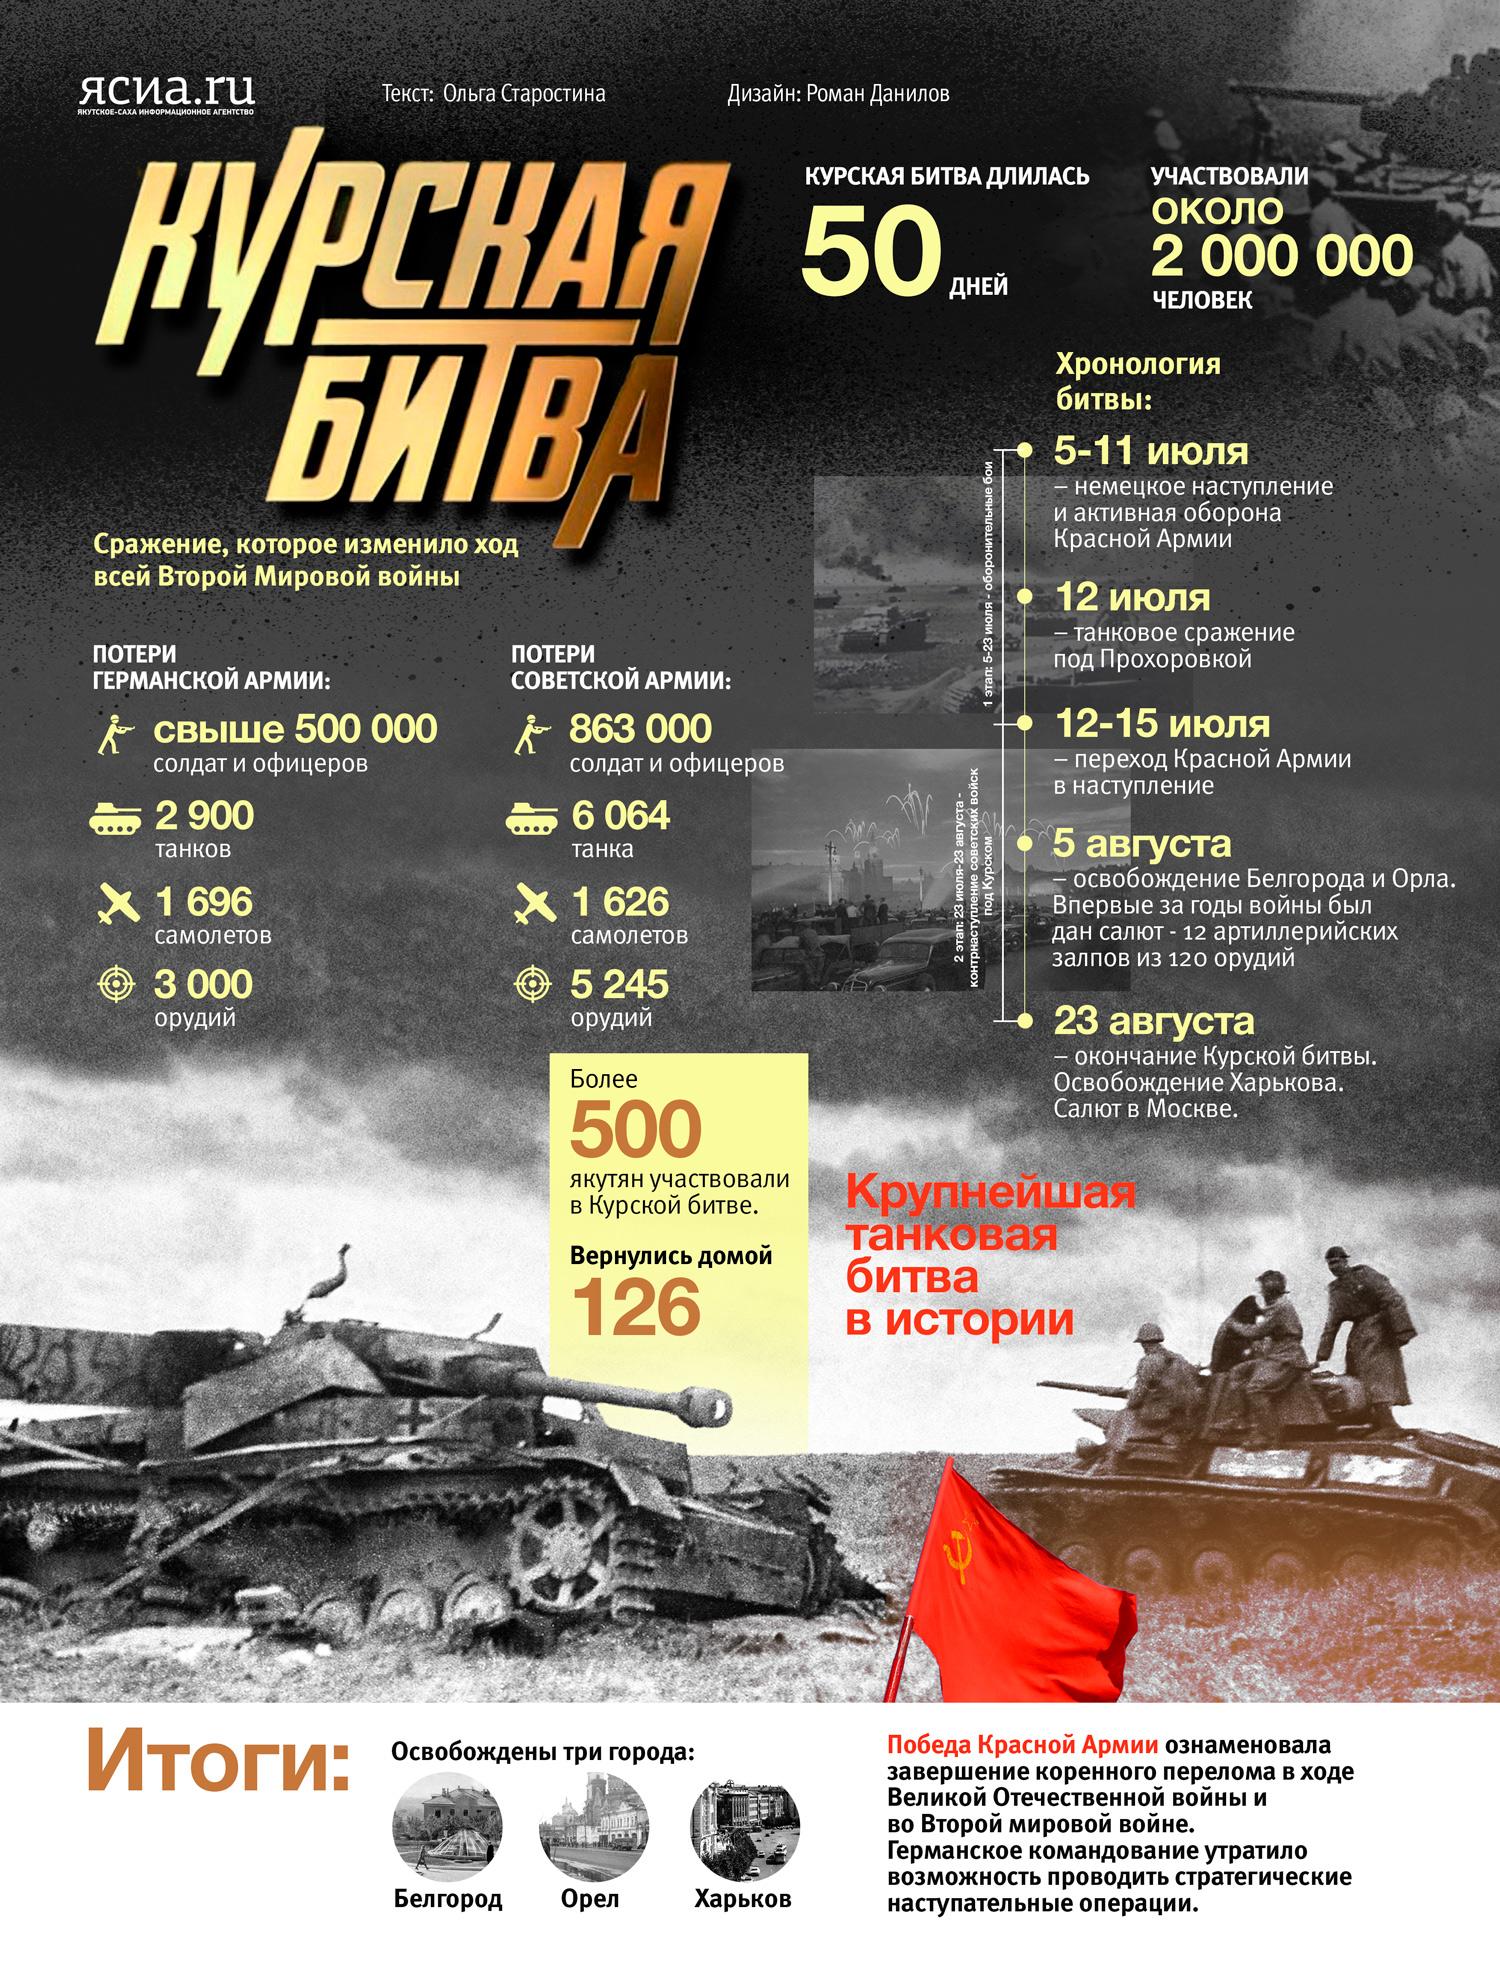 ИНФОГРАФИКА: Курская битва в цифрах и фактах